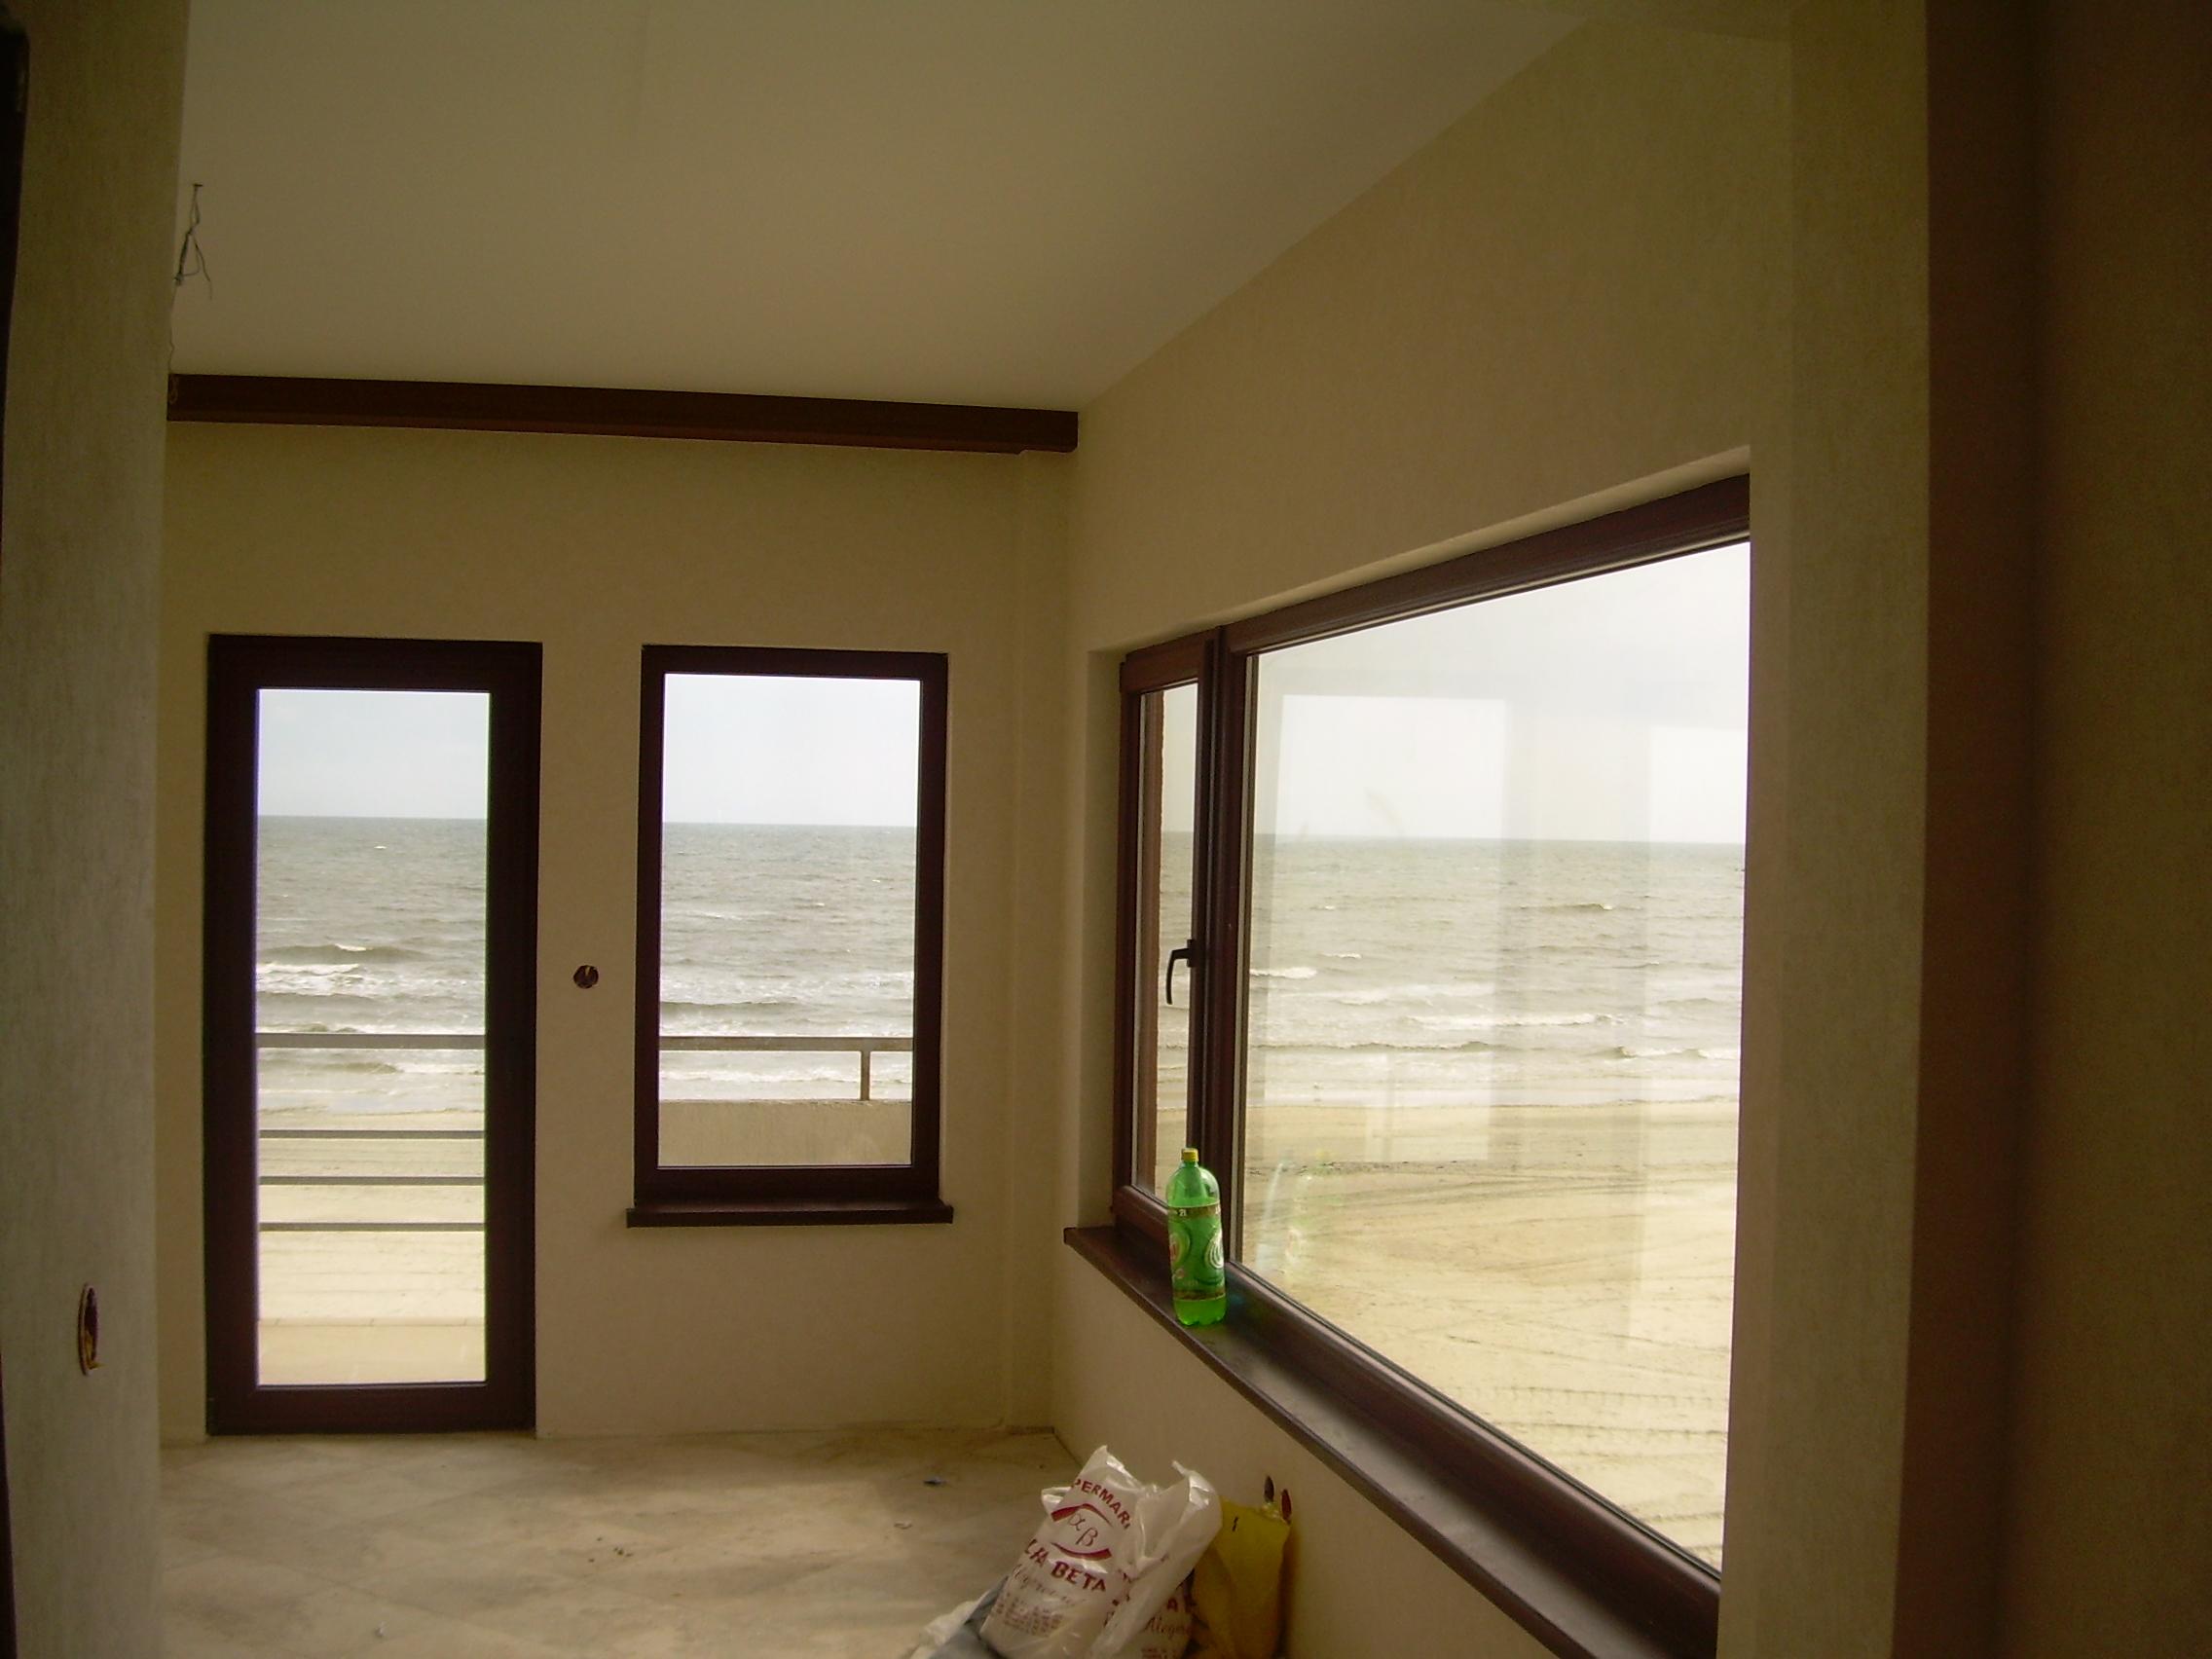 Lucrari de amenajare interioare cu tapet  - Poza 6